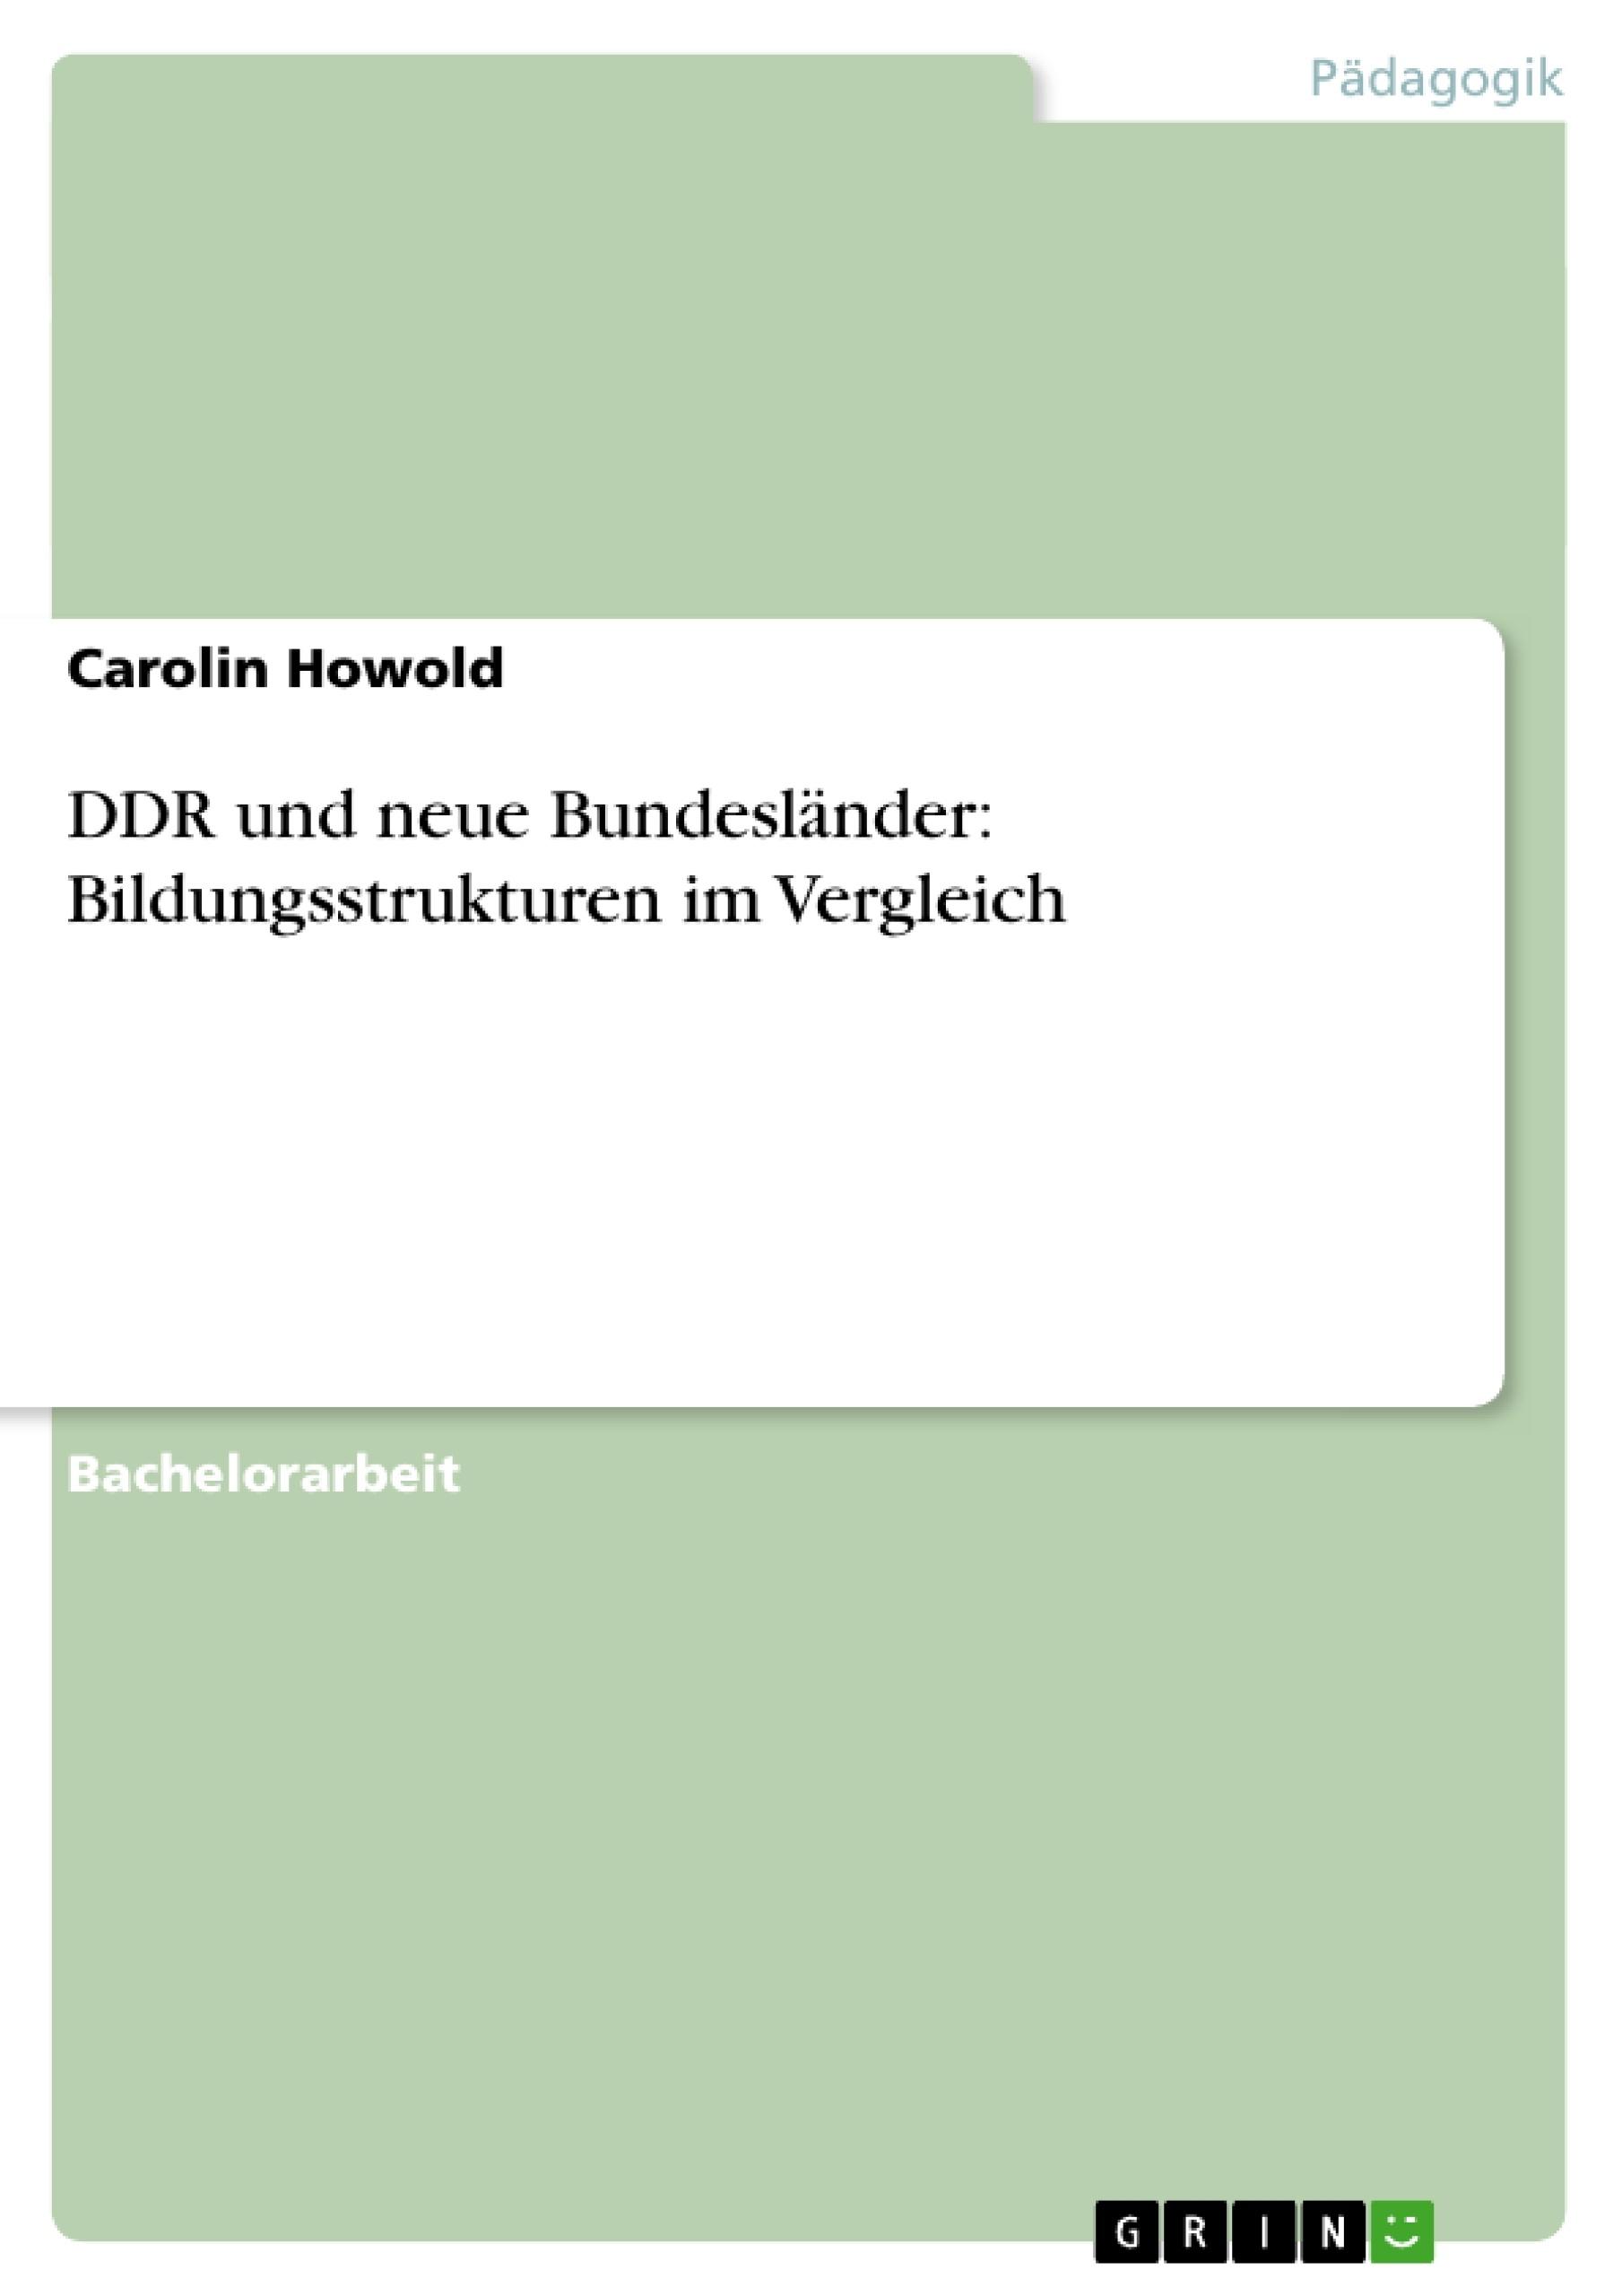 Titel: DDR und neue Bundesländer:  Bildungsstrukturen im Vergleich